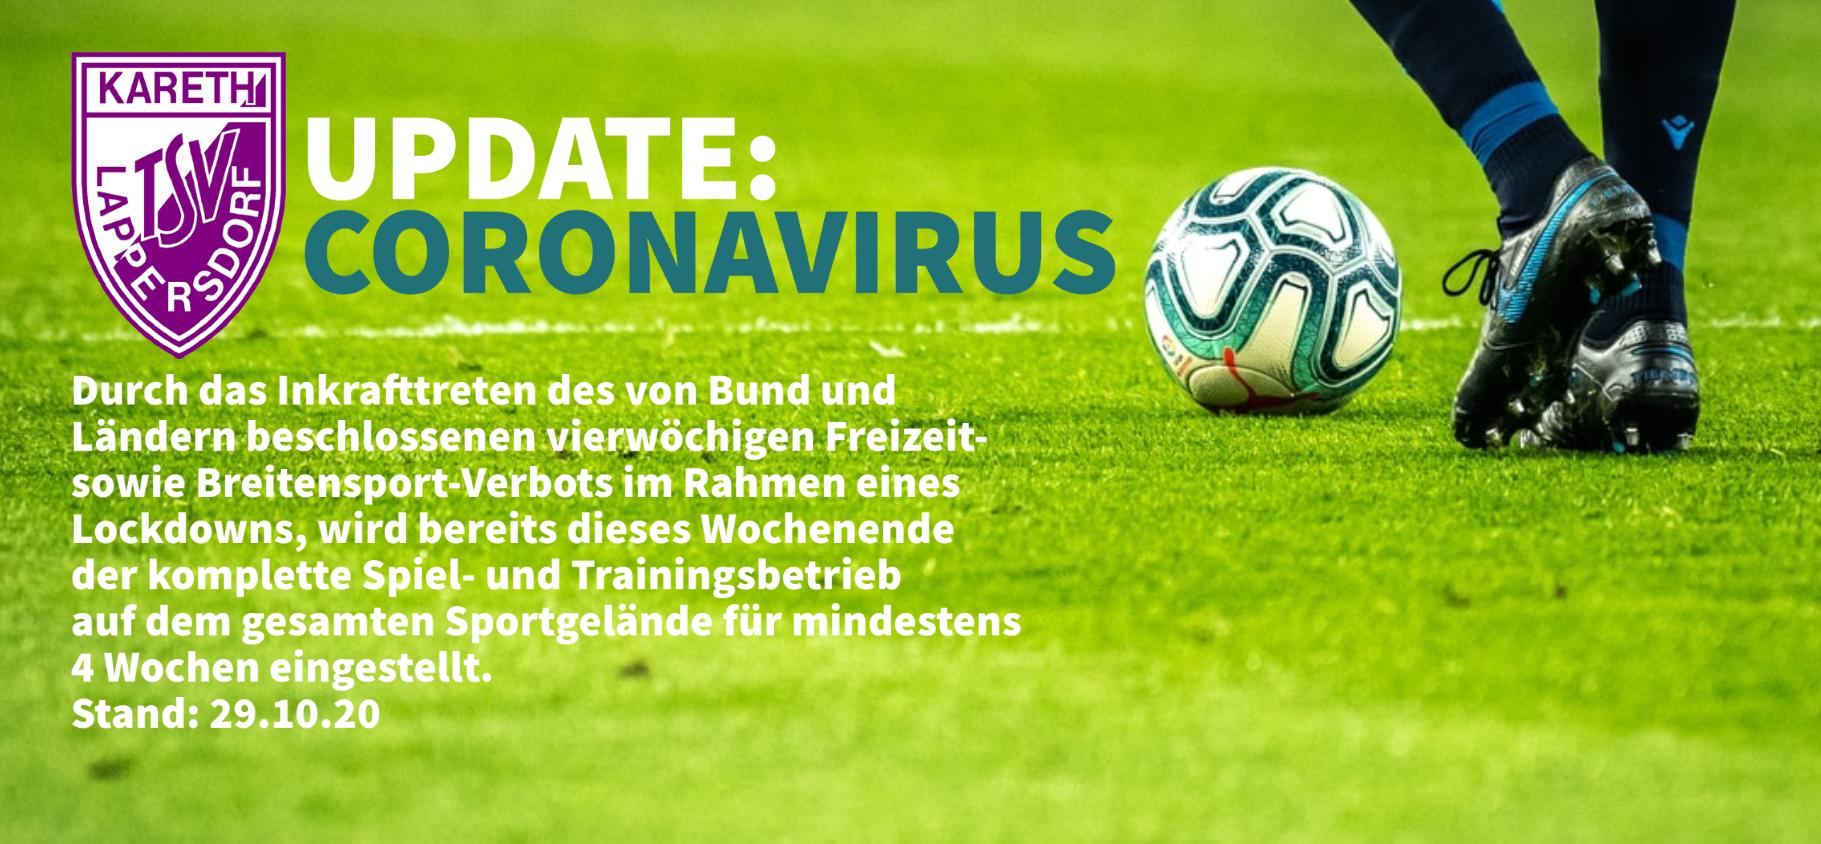 Update: Coronavirus 29.10.20